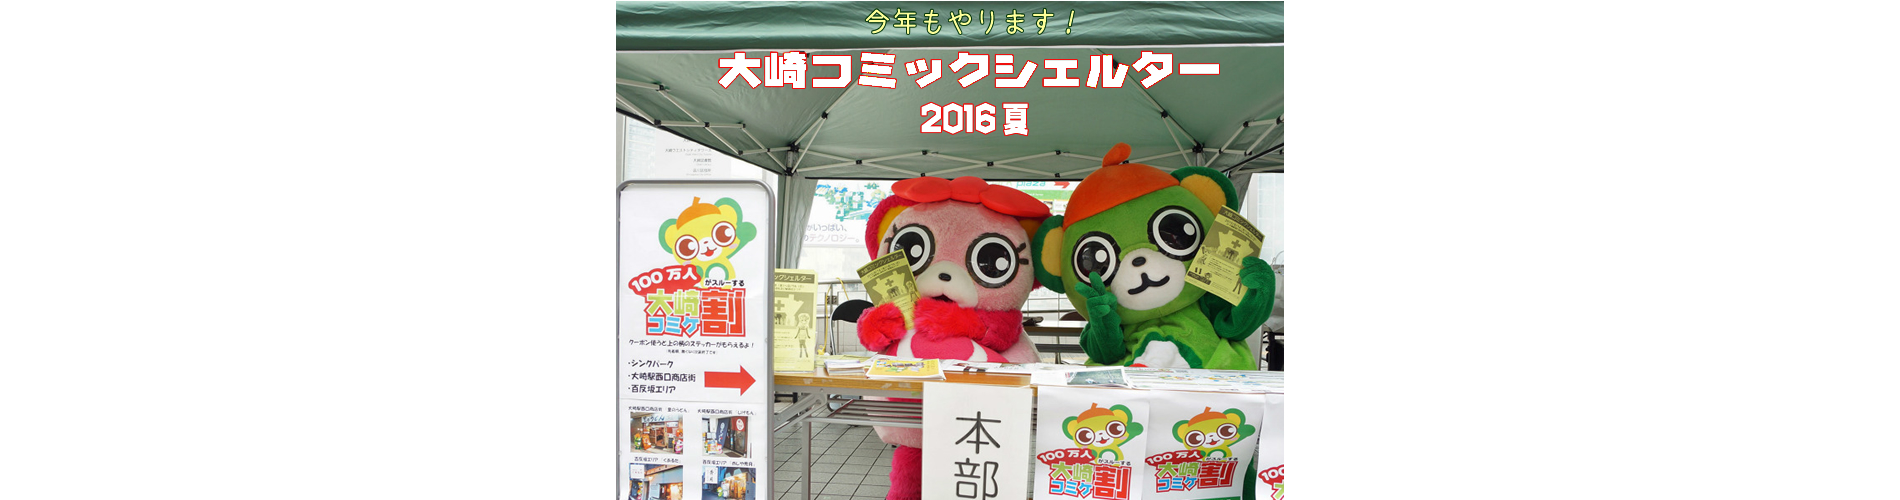 今年もやります!大崎コミックシェルター2016夏!